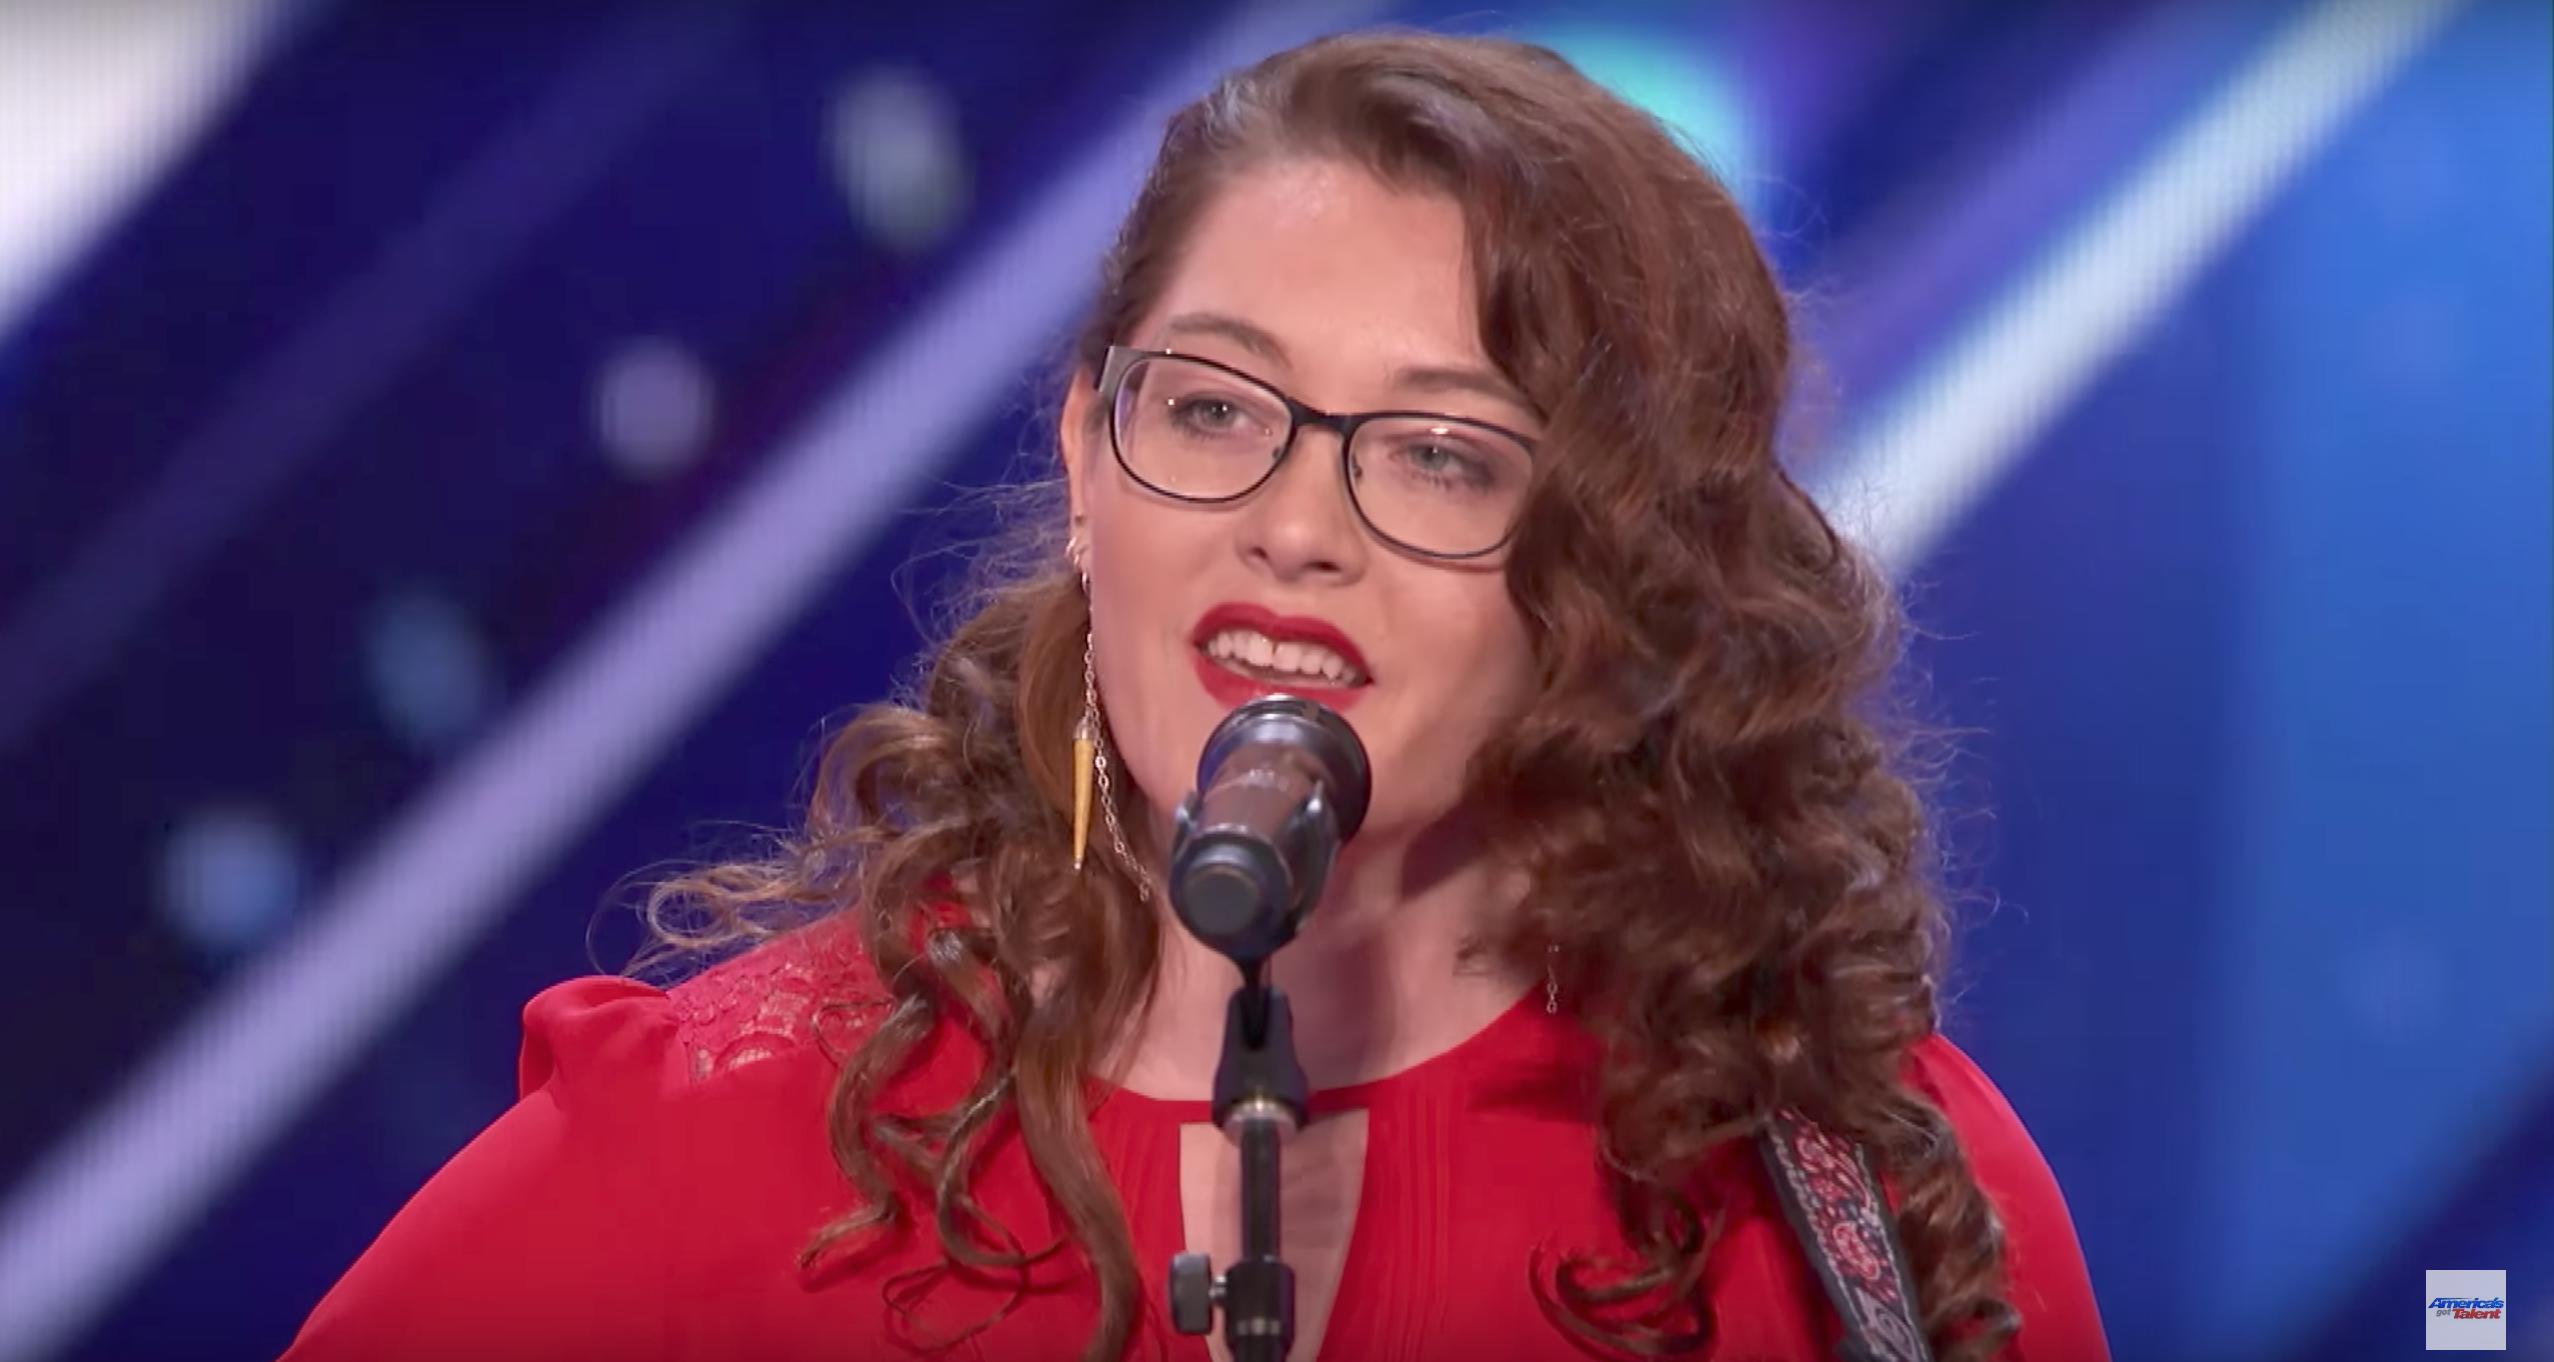 Deaf Singer Mandy Harvey Blows AGT Judges Away, Gets Simon Cowells Golden Buzzer! (Video